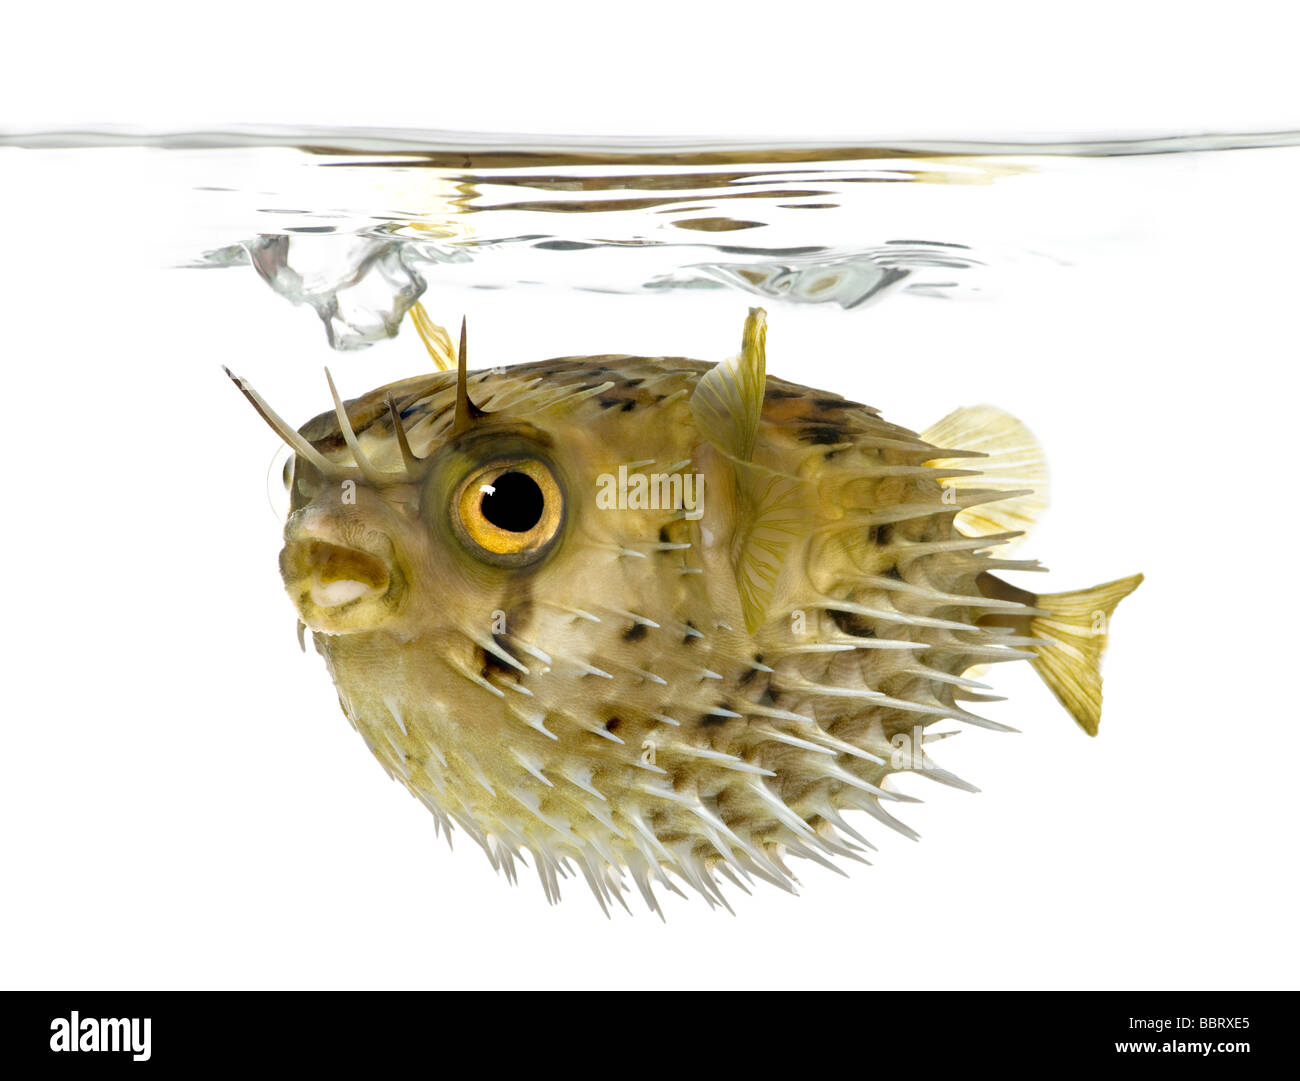 Allungate la spina dorsale porcupinefish anche sapere come balloonfish spinoso Diodon holocanthus davanti a uno Immagini Stock